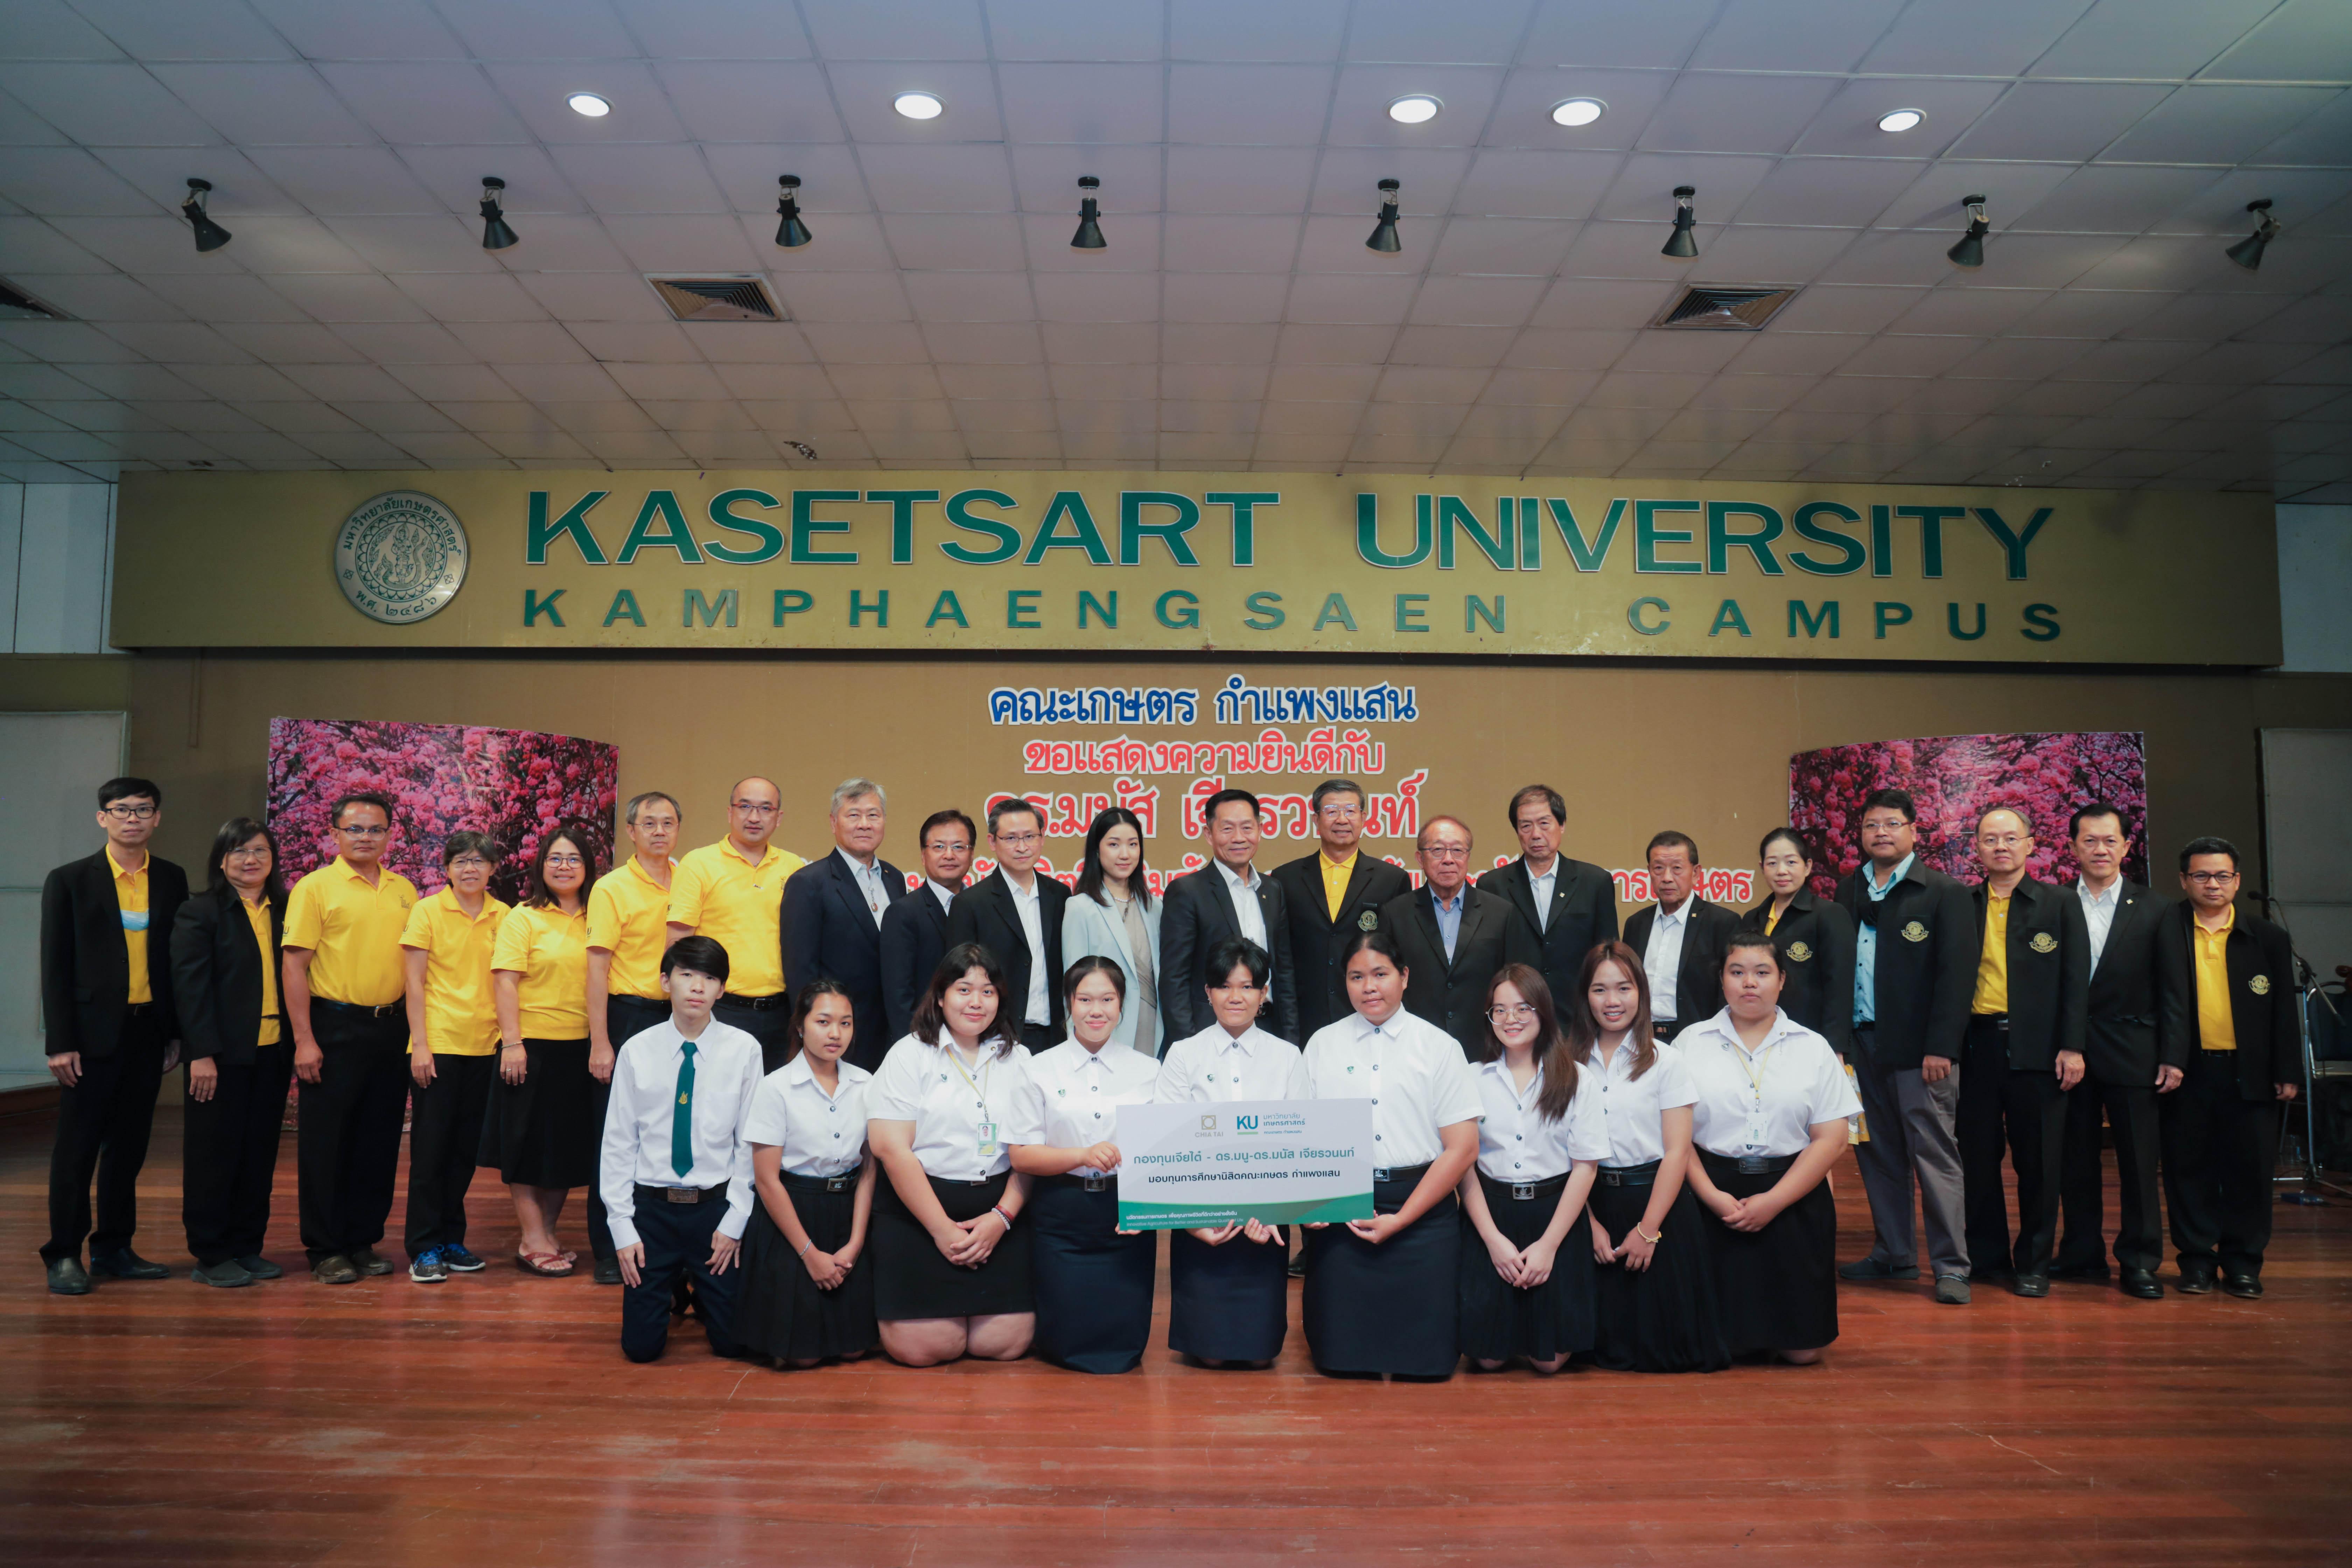 เจียไต๋ มอบทุนการศึกษาสนับสนุนเด็กไทย สู่อนาคตไกล เกษตรยั่งยืน